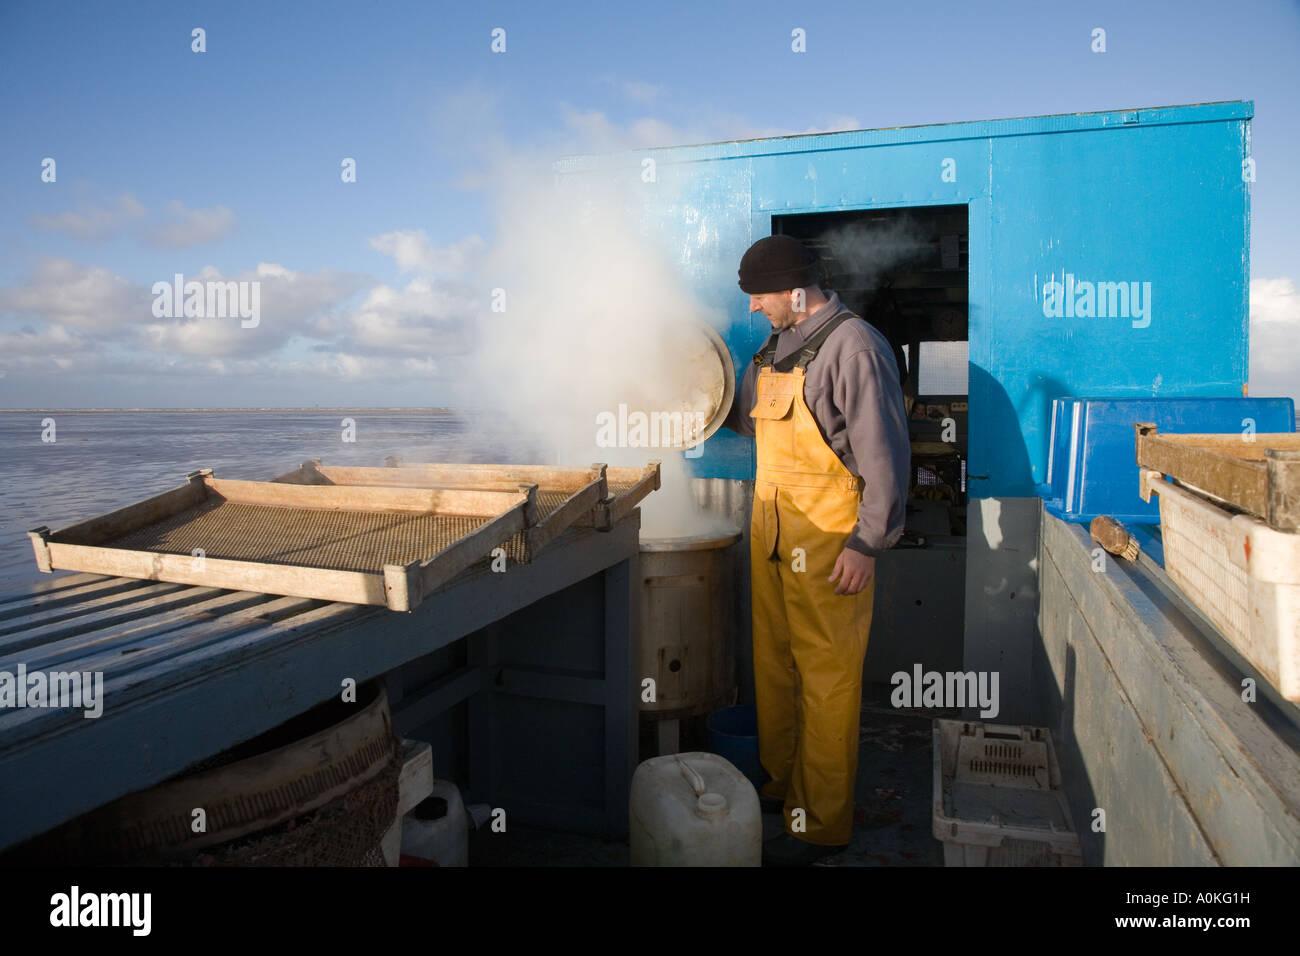 Pesce Commerciale crostacei Pesca dei gamberetti con modificati veicolo trattore, Southport Merseyside Regno Unito Immagini Stock